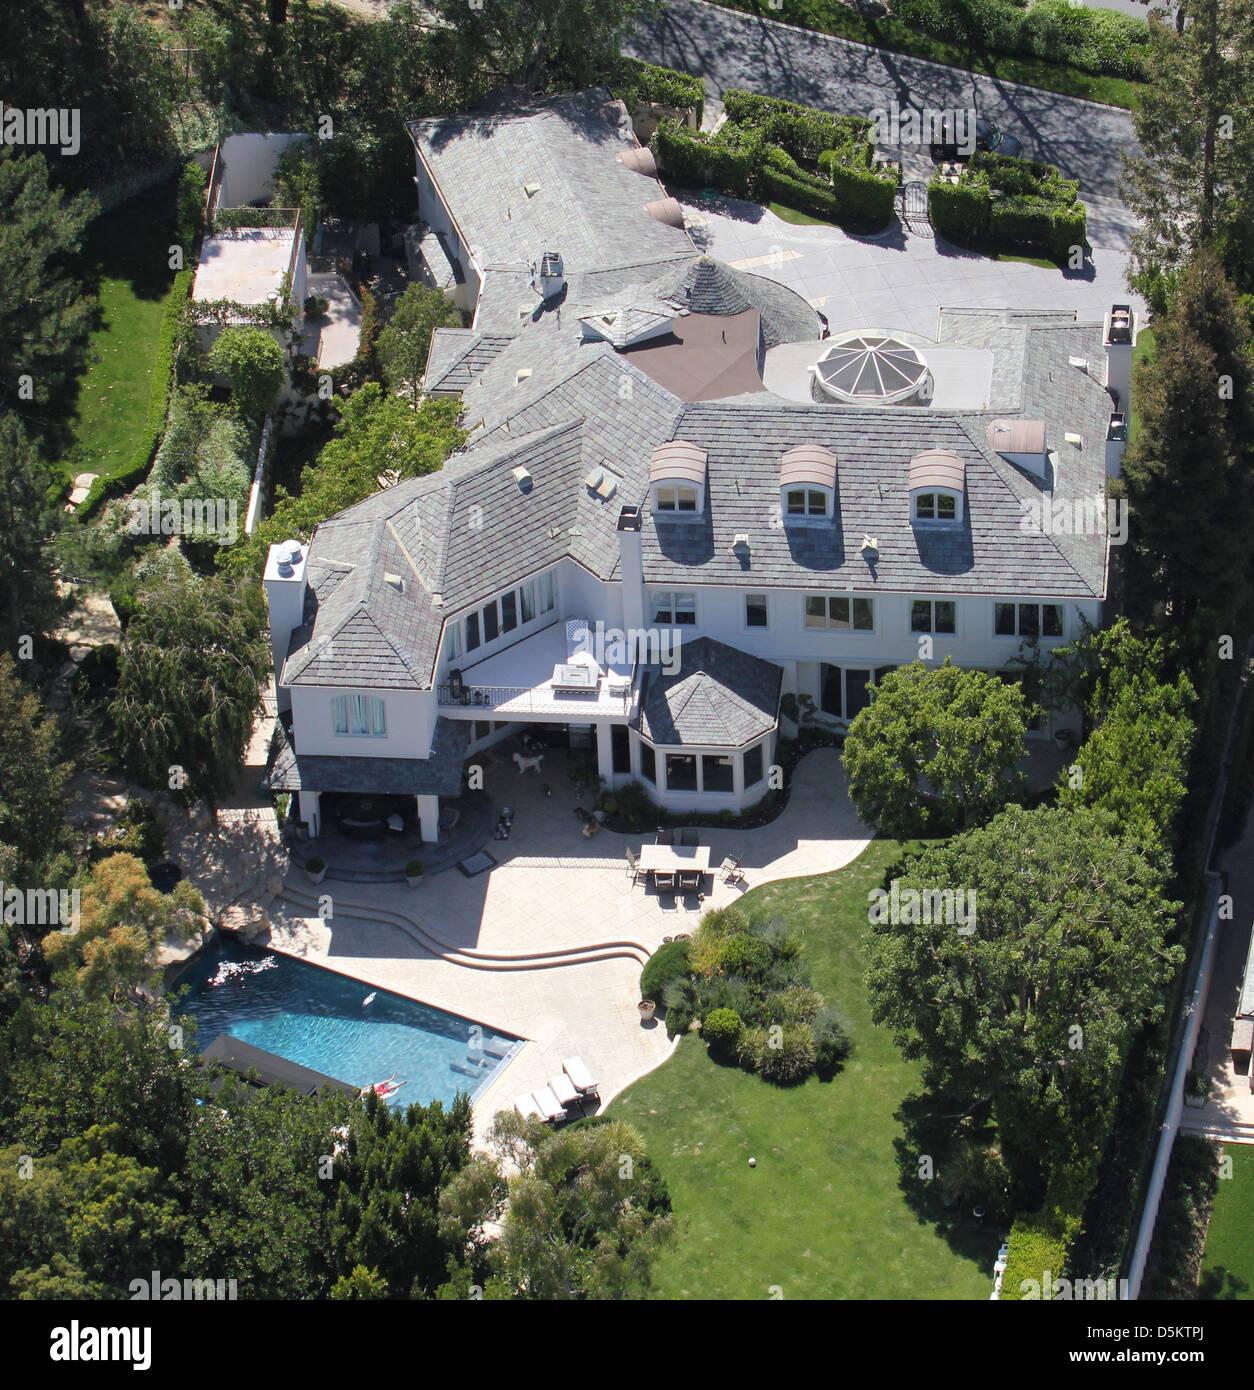 Aerial View Of Robbie Williams U0027 Home In Los Angeles. Los Angeles, Californa